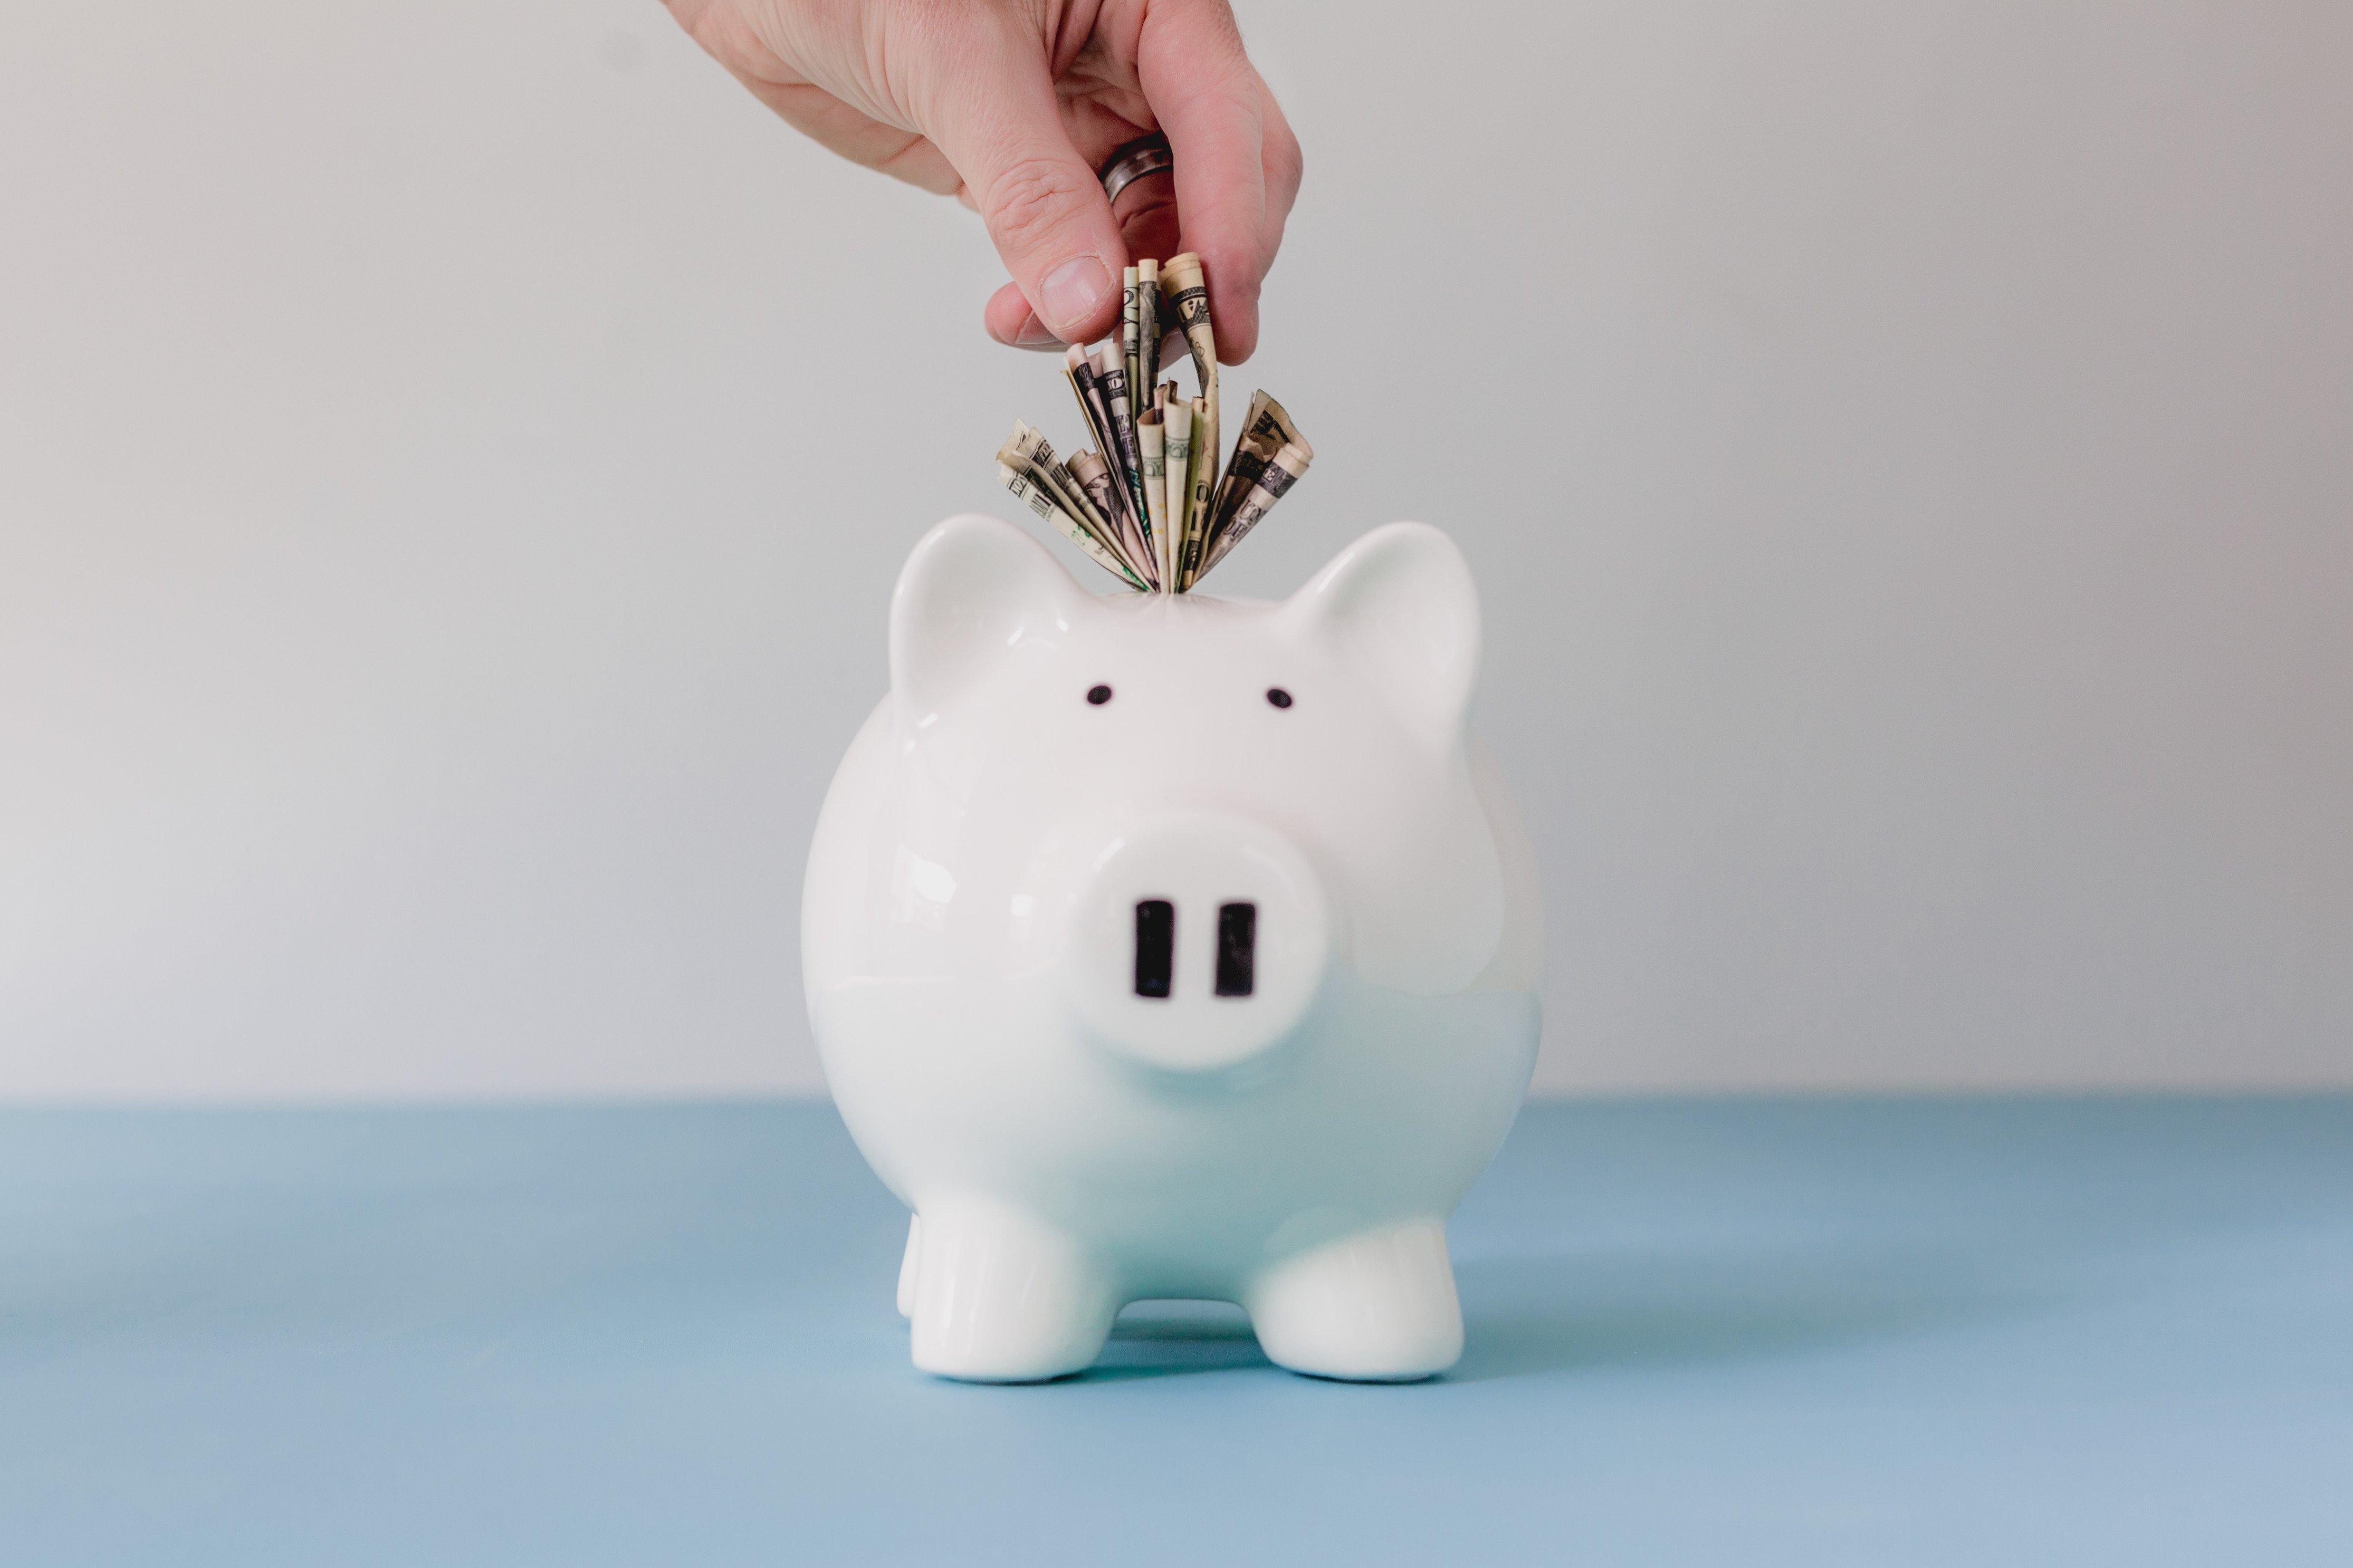 bespaar-energie-met-deze-4-tips